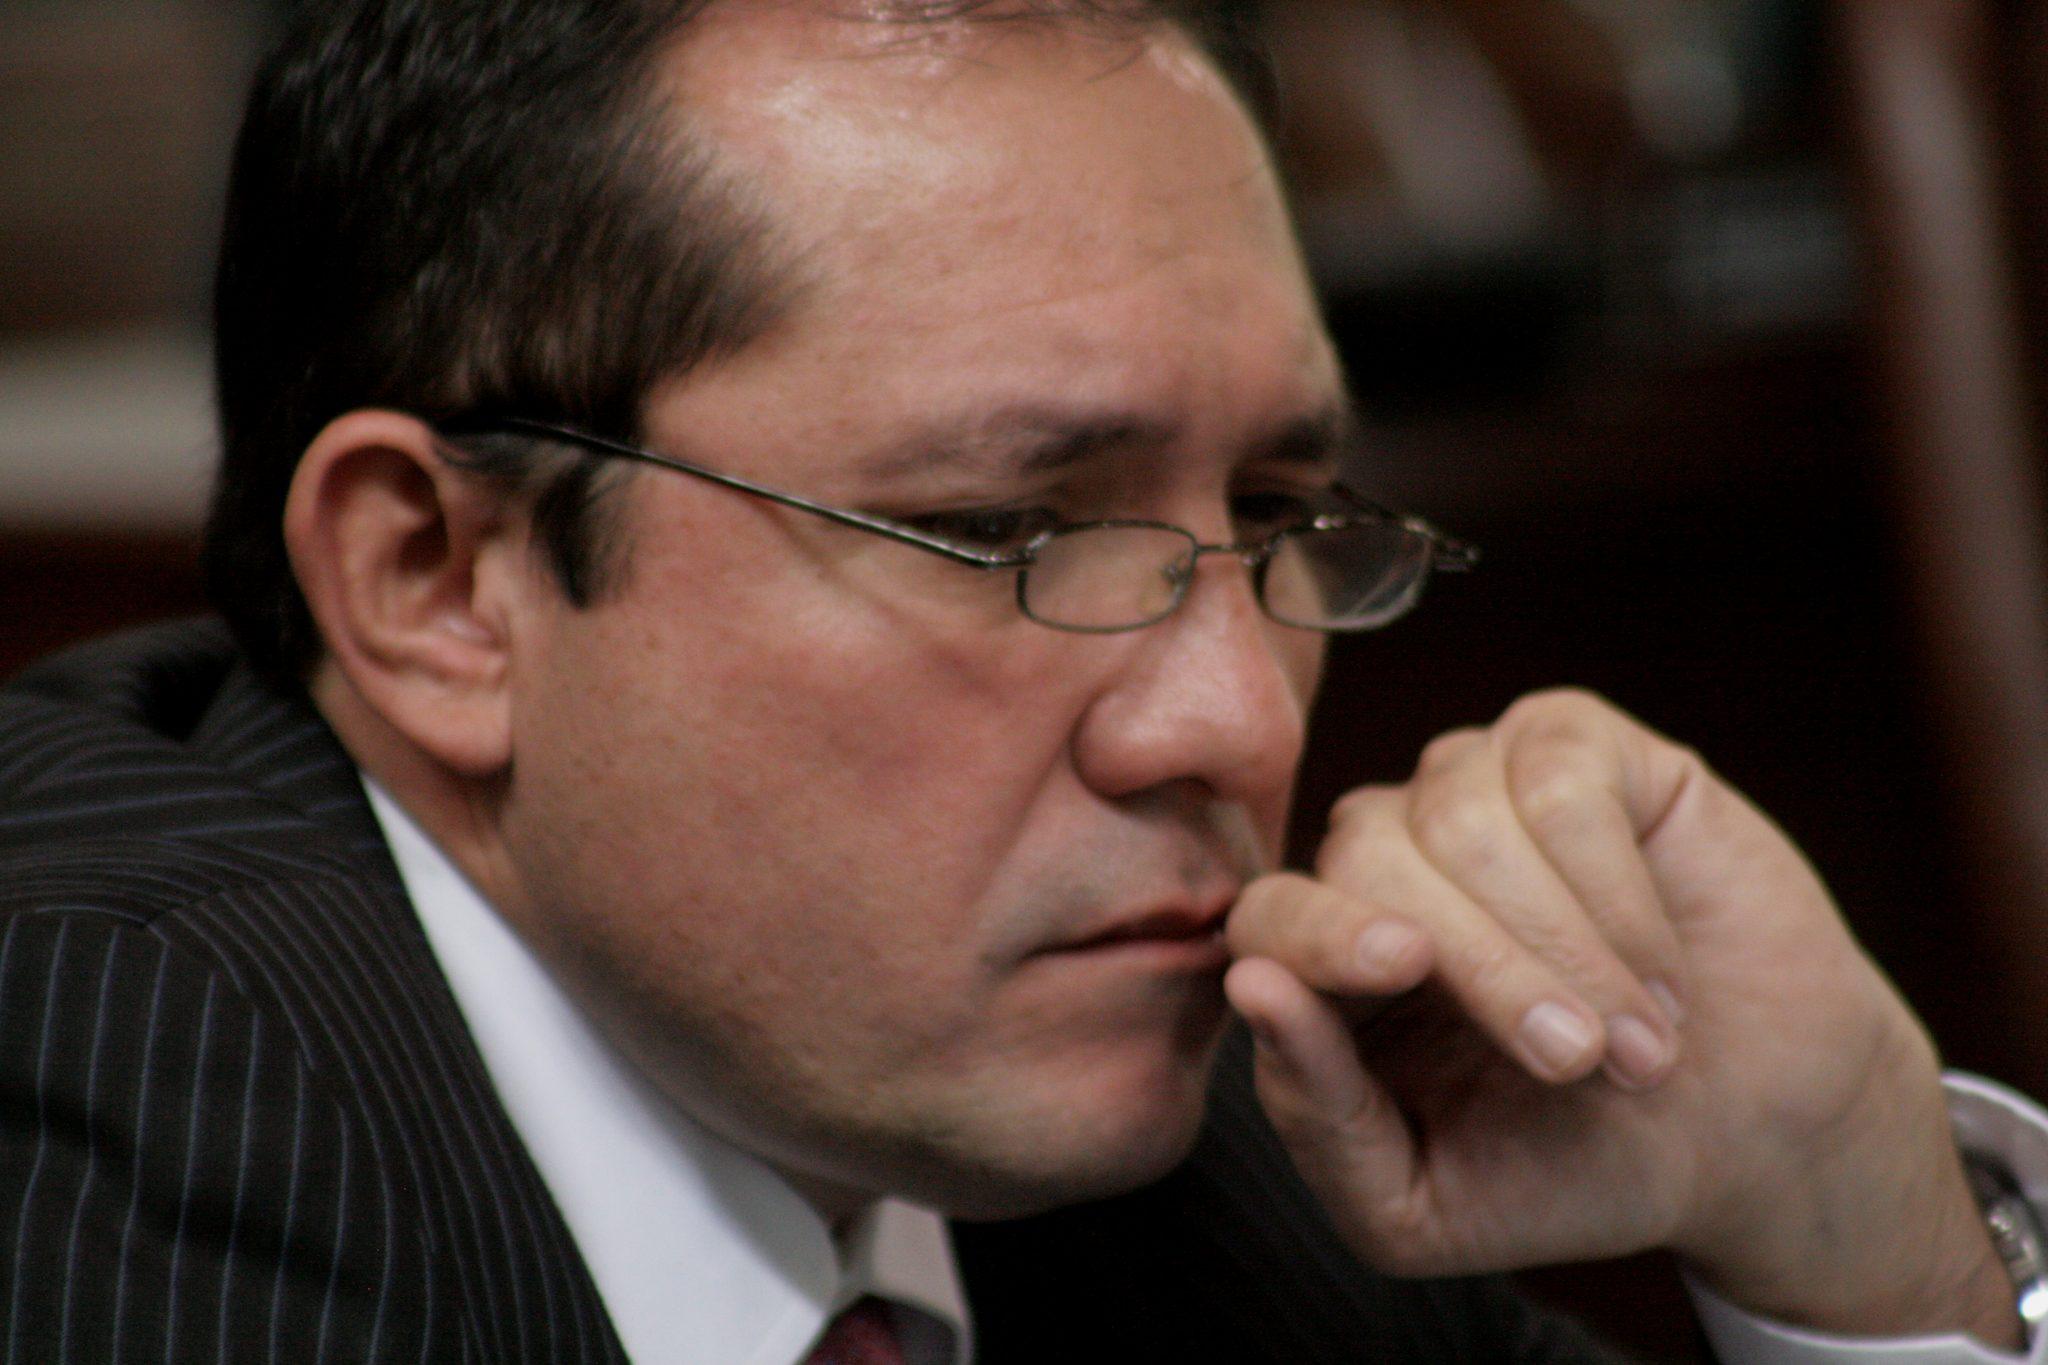 Antonio Sanguino y el salto que pretende dar del Concejo al Senado